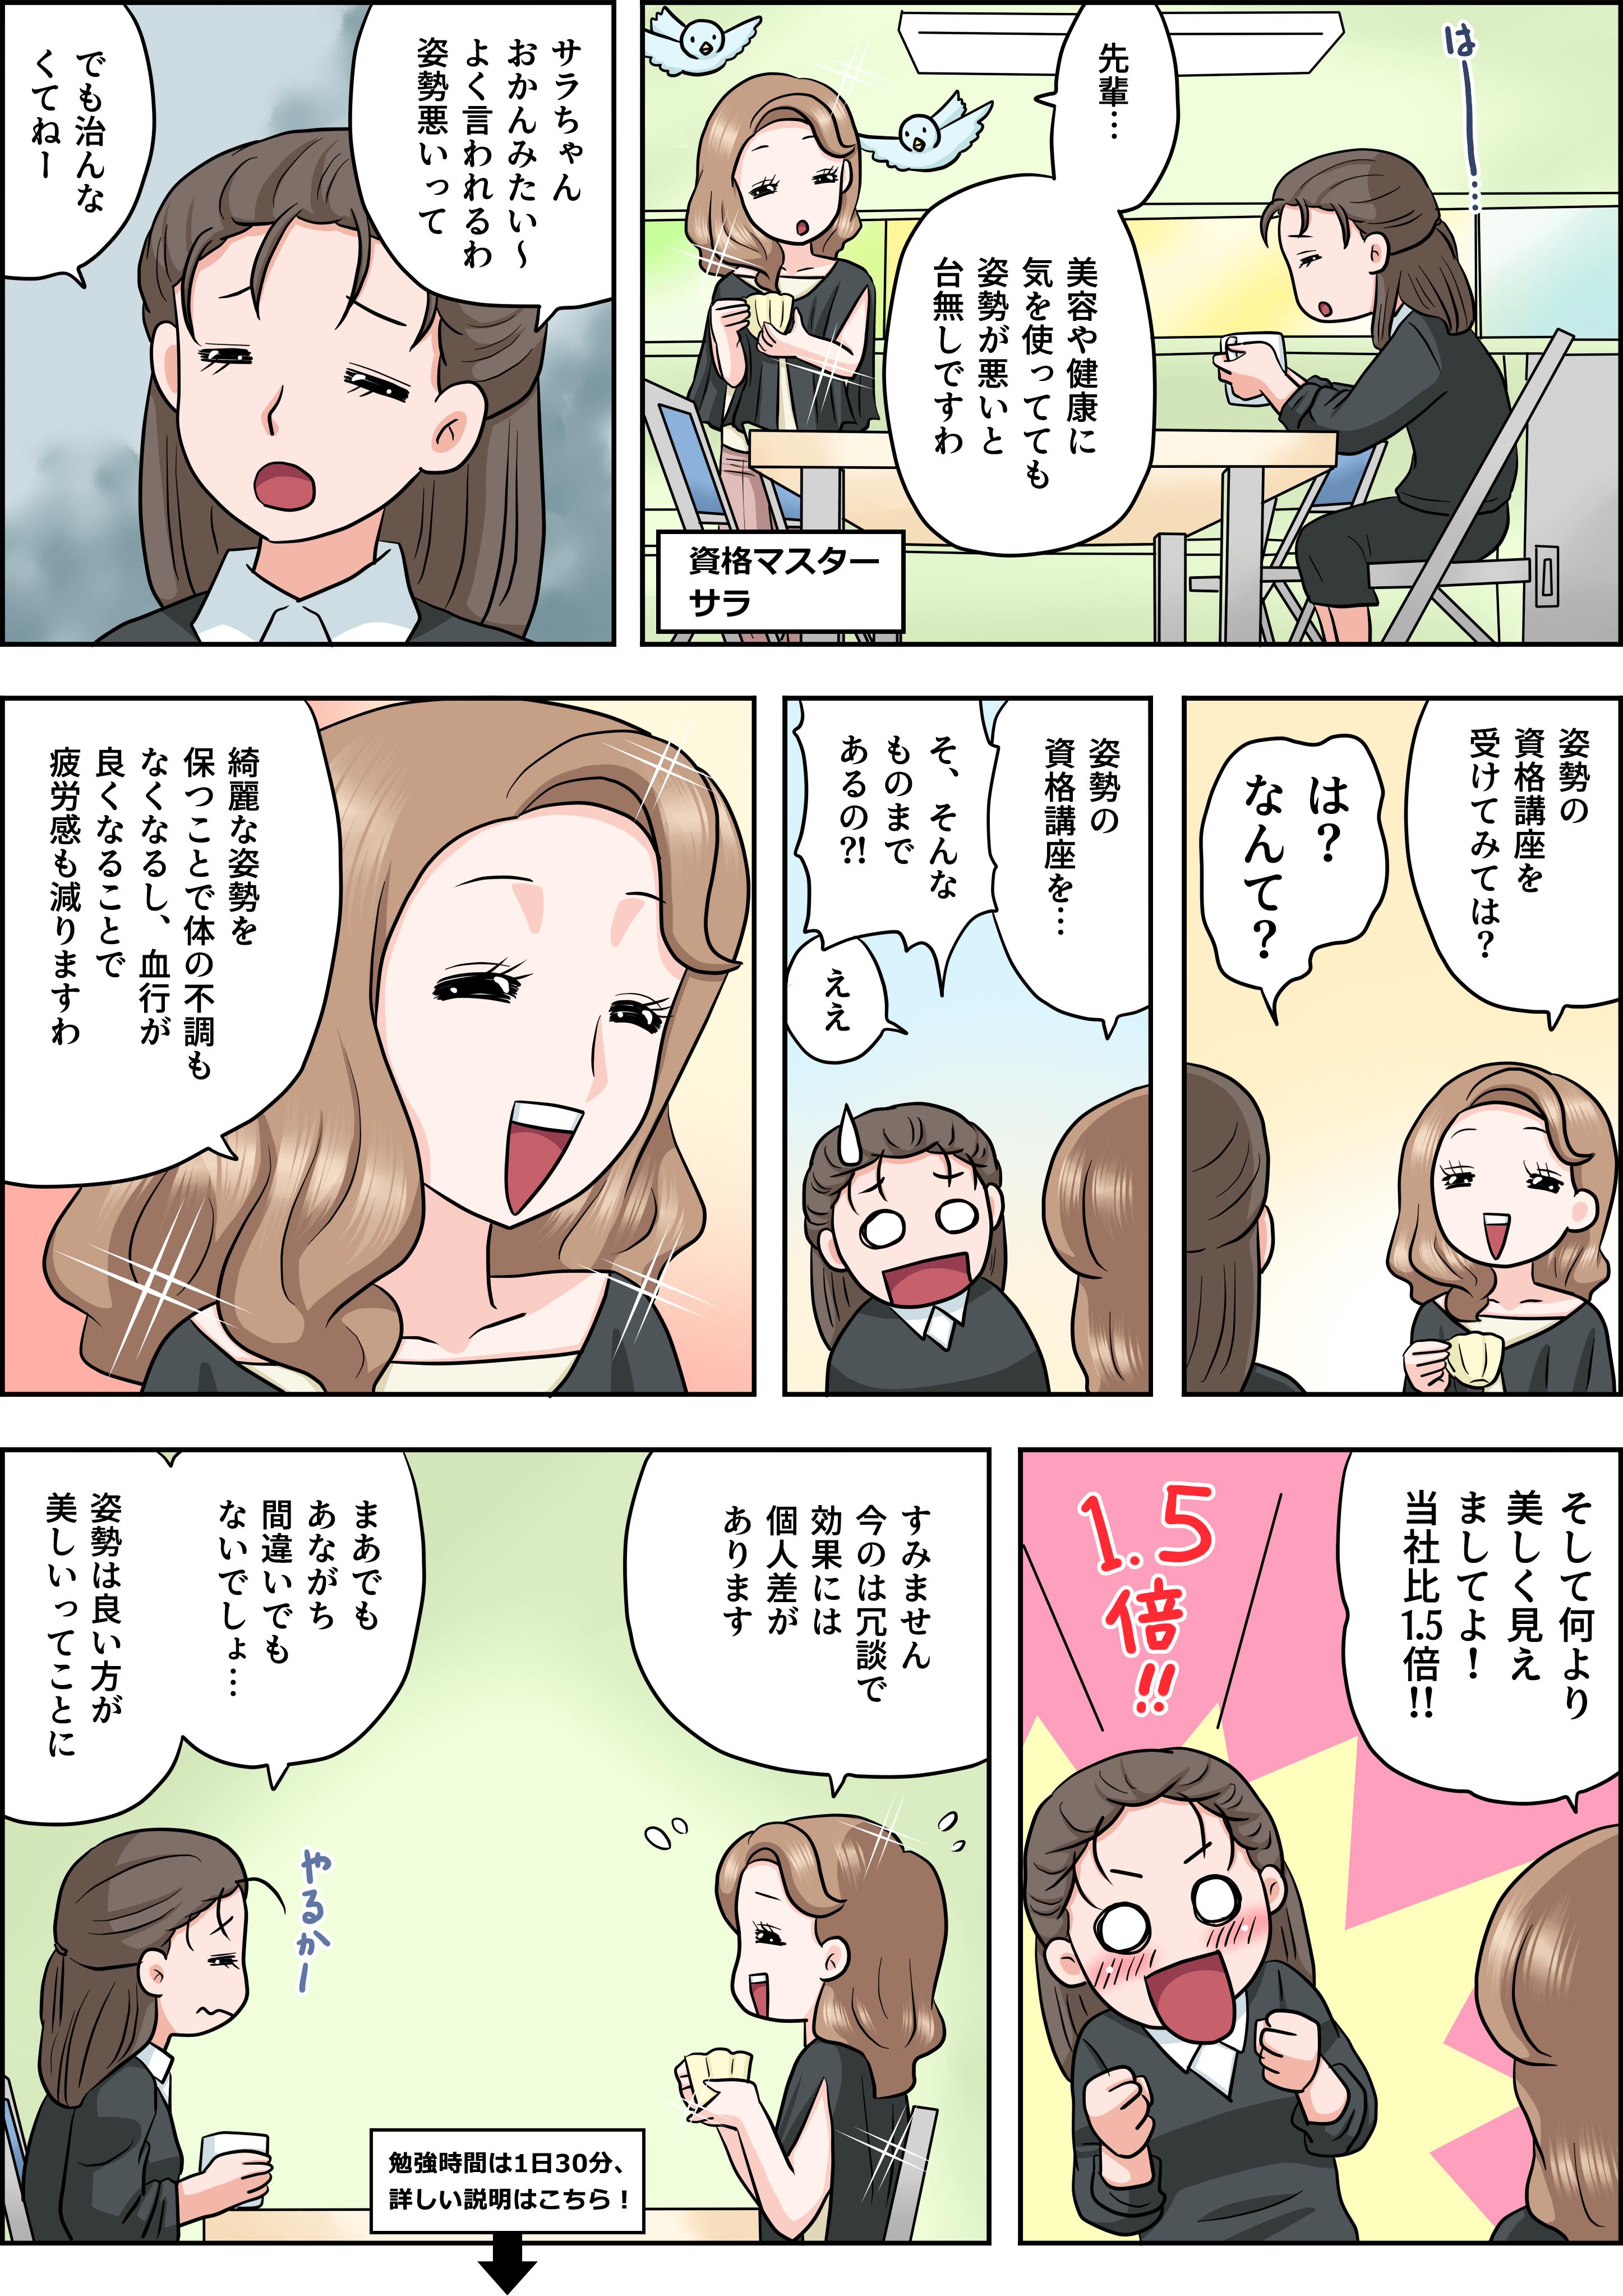 姿勢の漫画